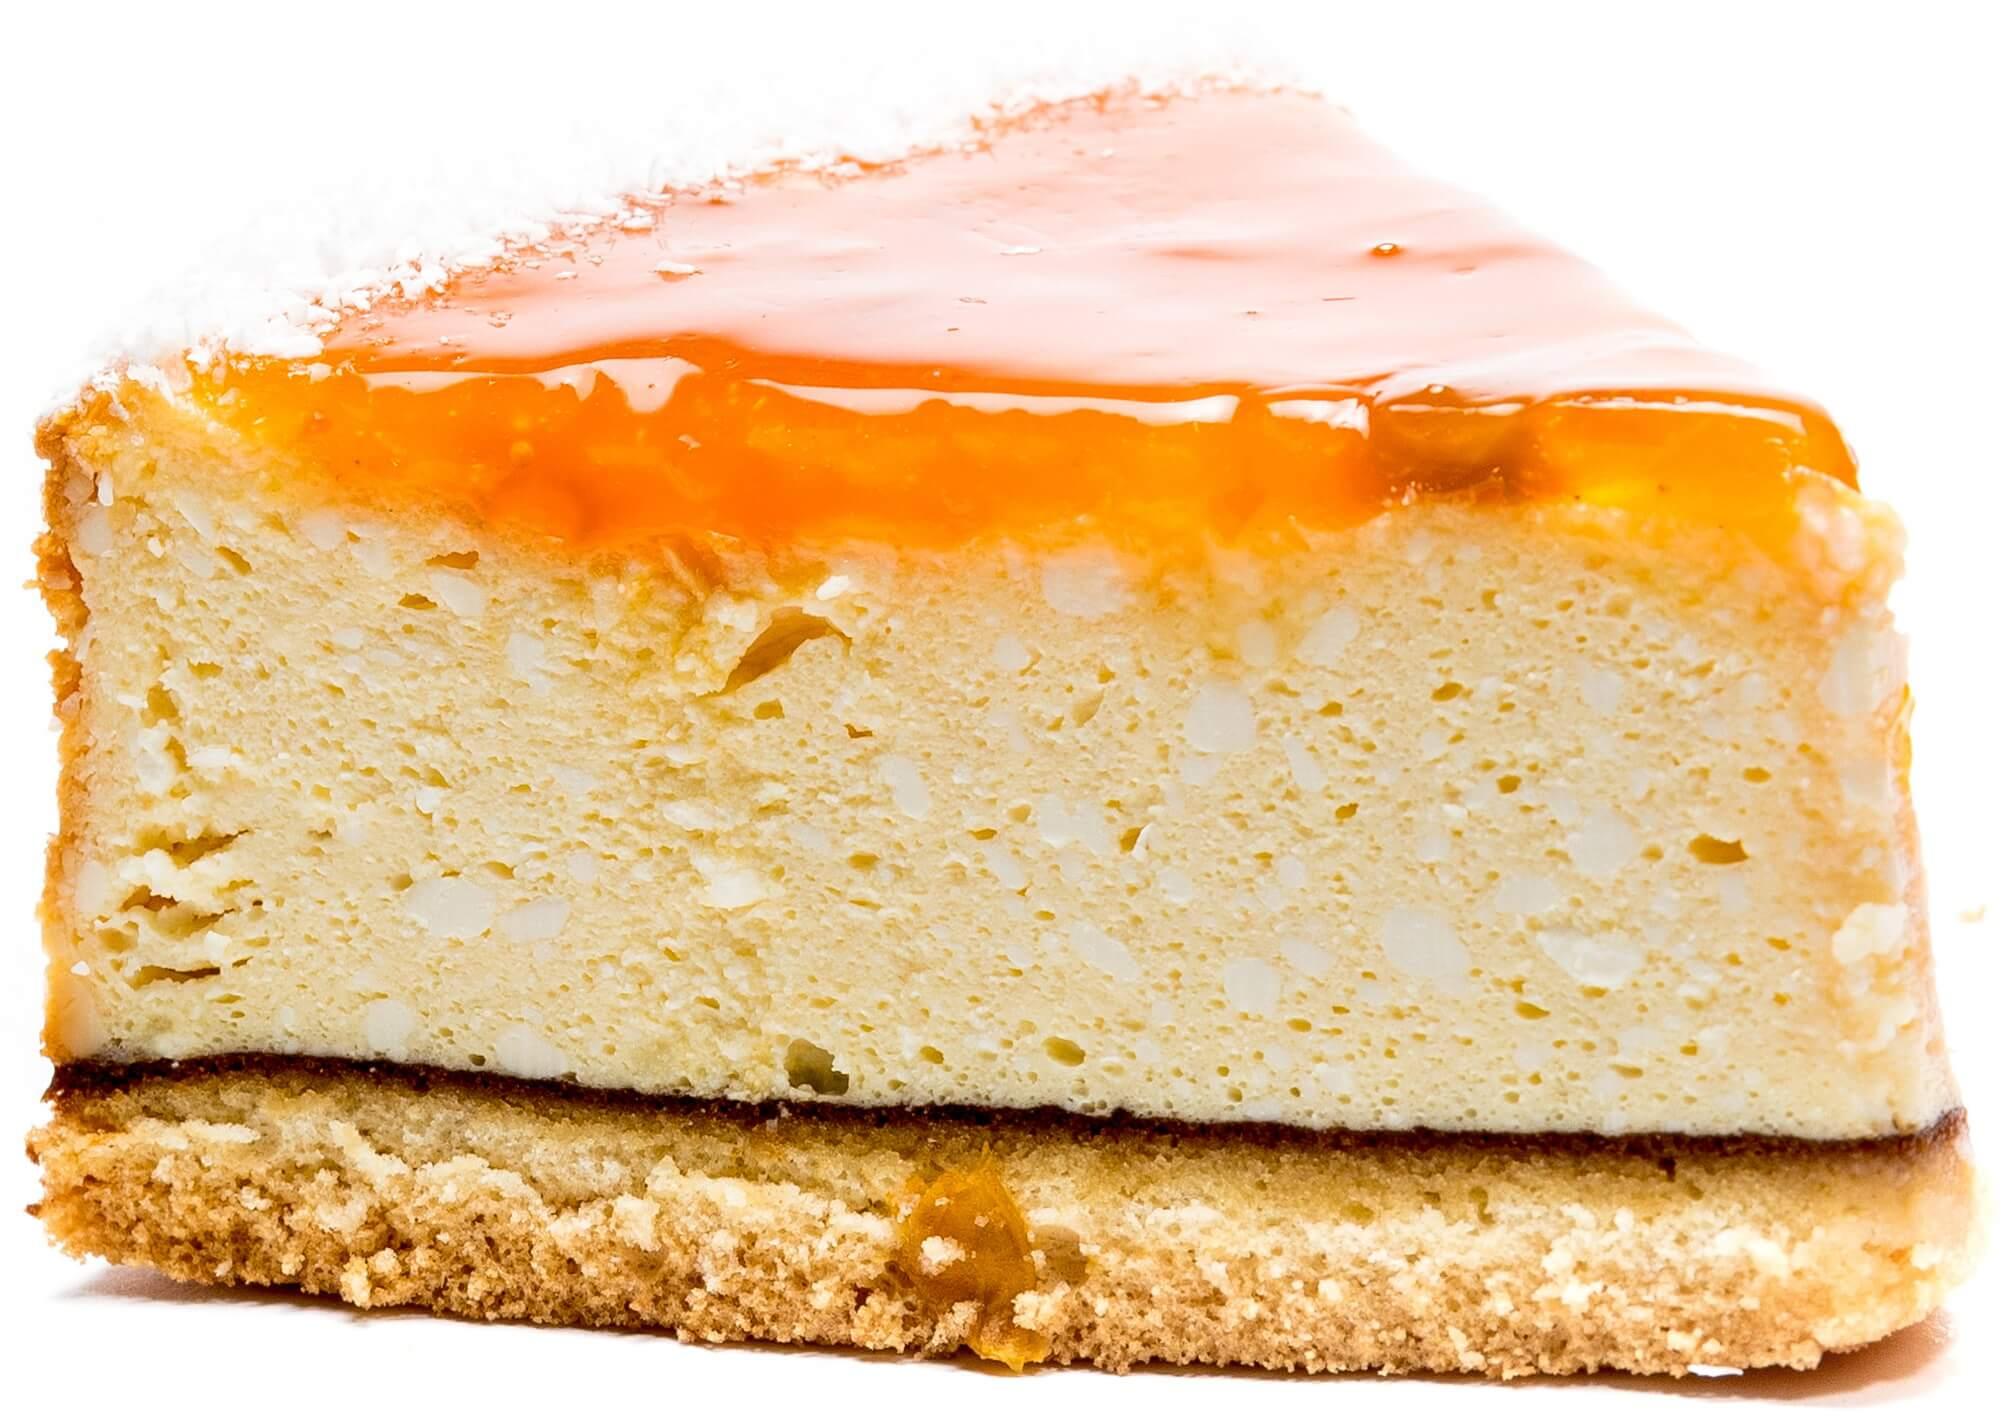 Пирожное бисквитно-творожное «Чизкейк с кусочками персика» фото 1